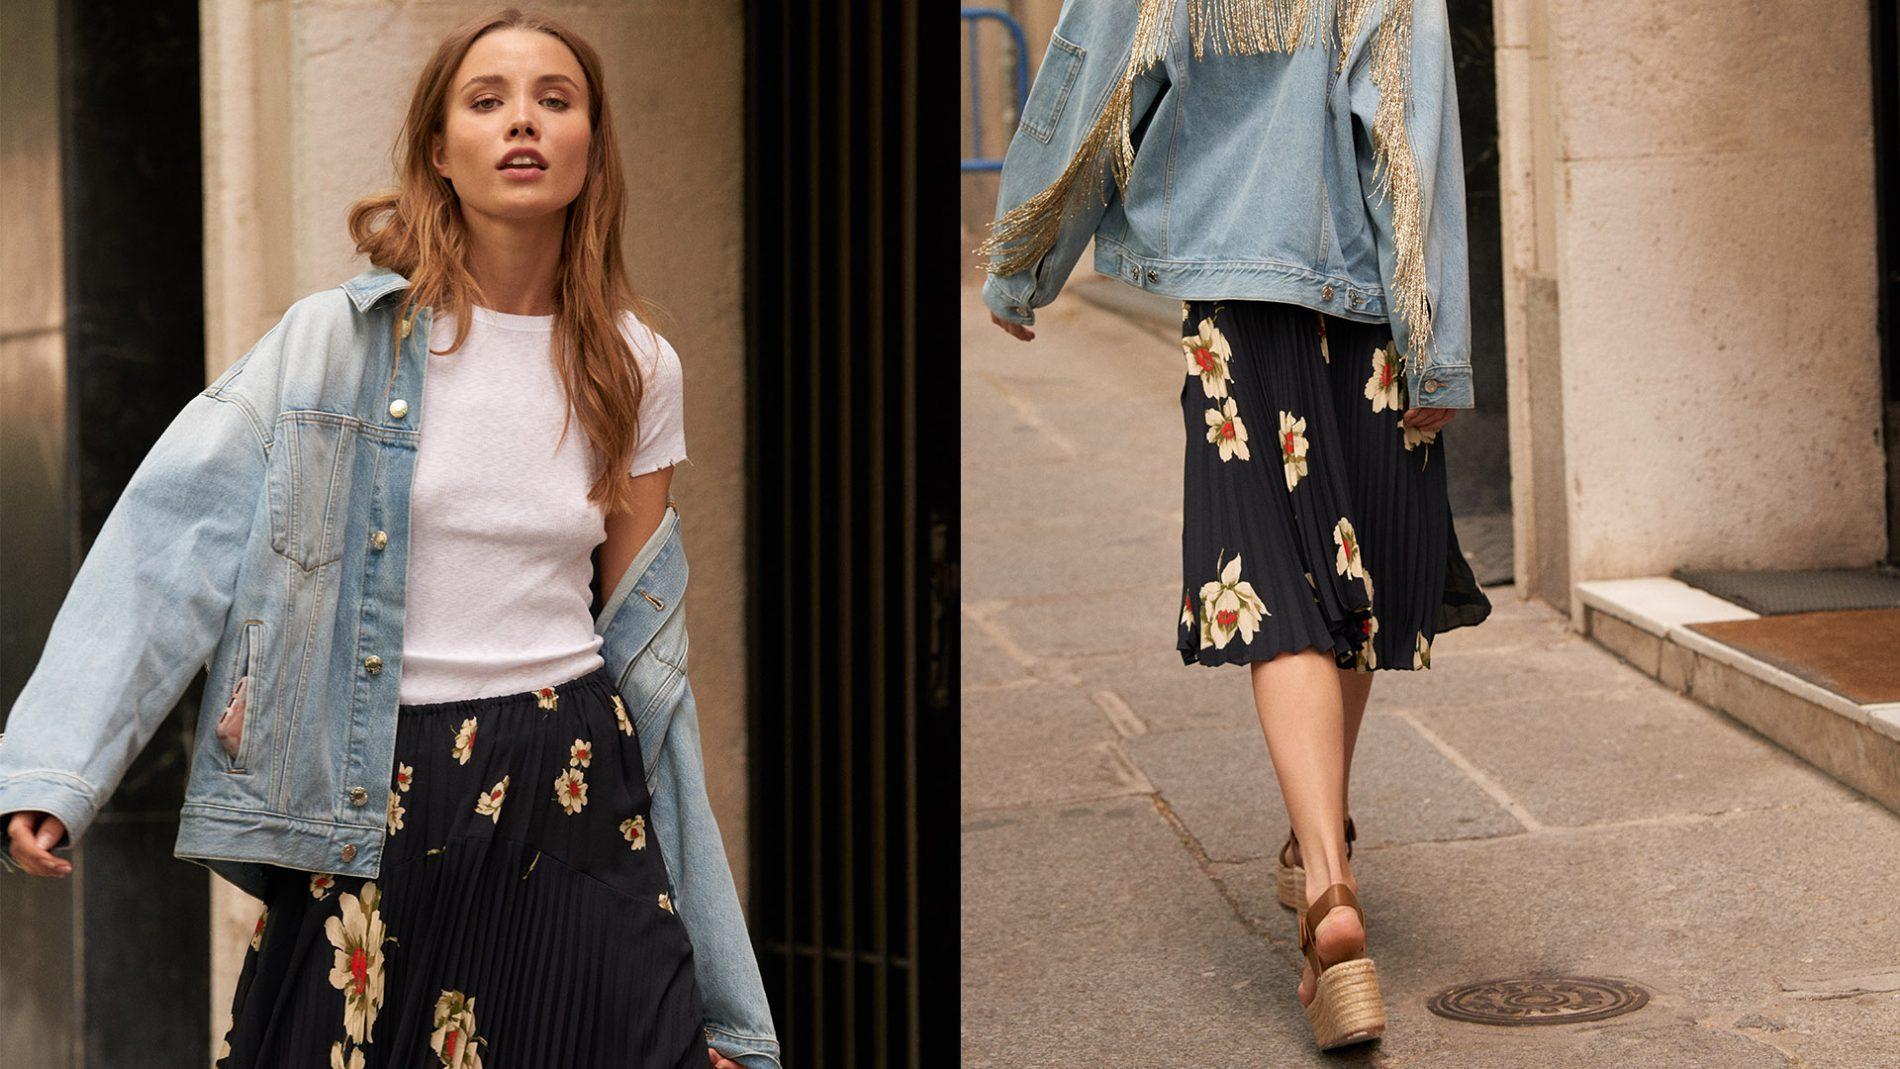 El Corte Inglés Ready-To-Wear, Handbags, Shoes Helmut Lang